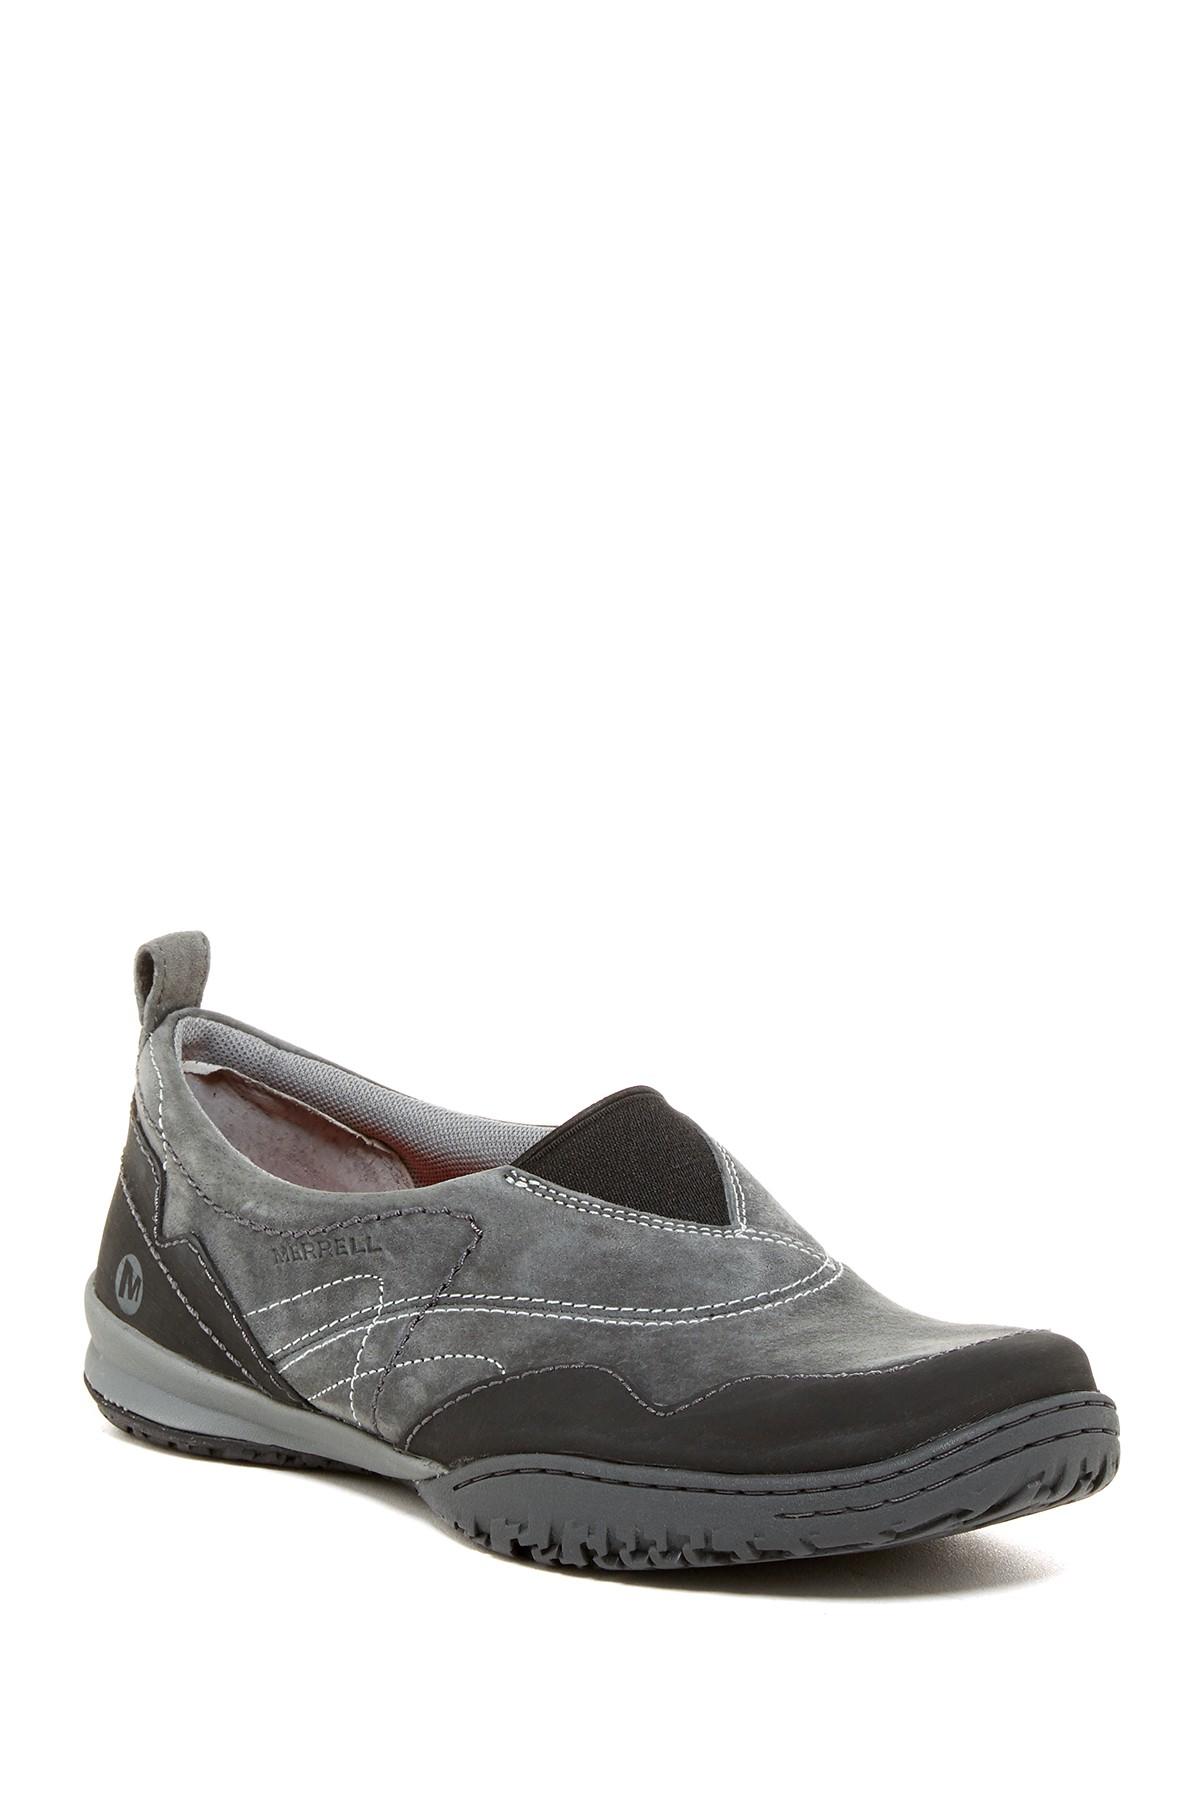 Merrell Shoes Austin S Shoes